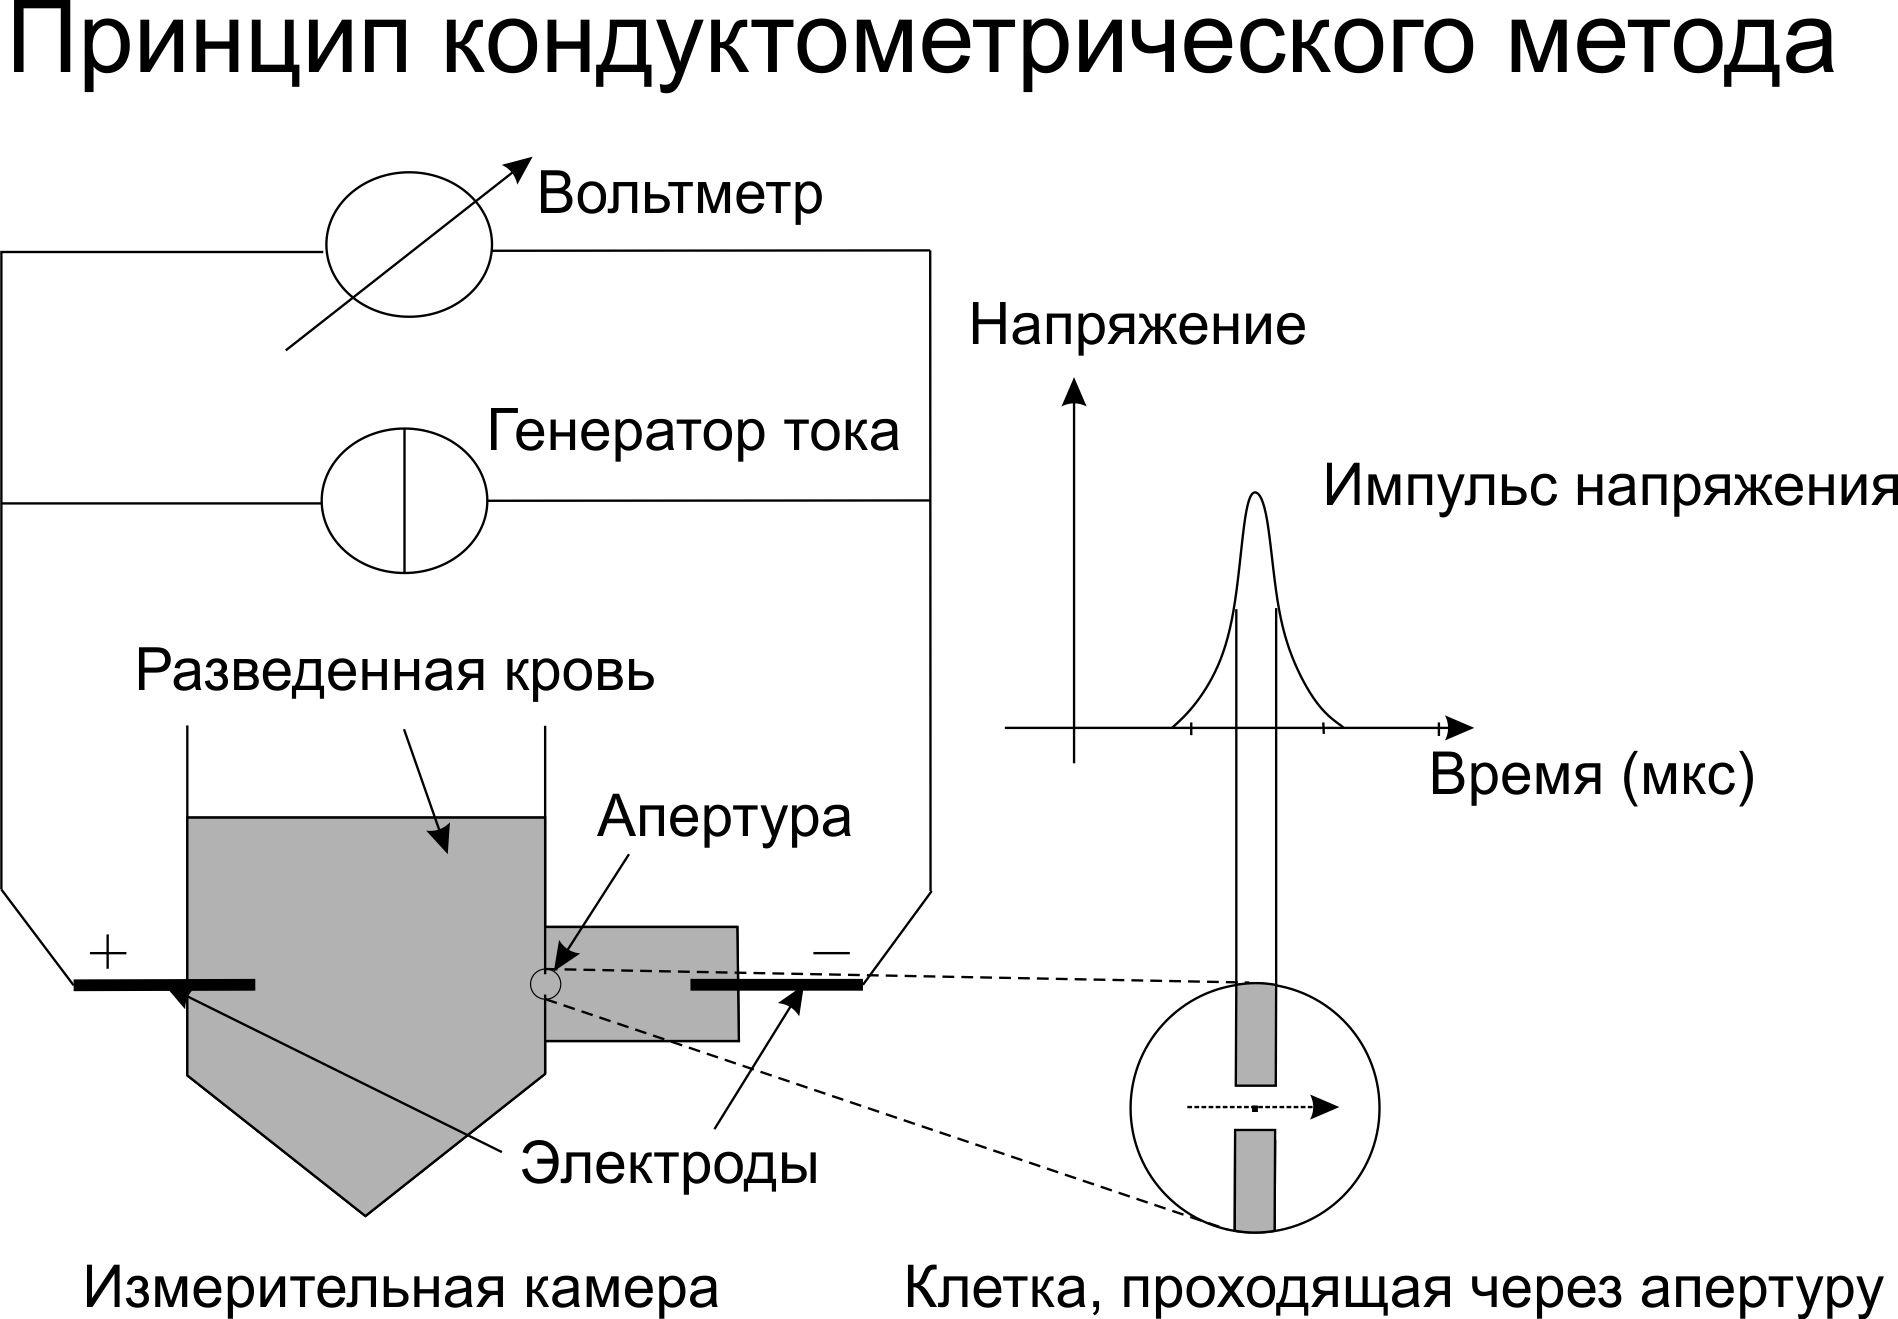 Клинический анализ крови: от светового микроскопа к гематологическим анализаторам - 6